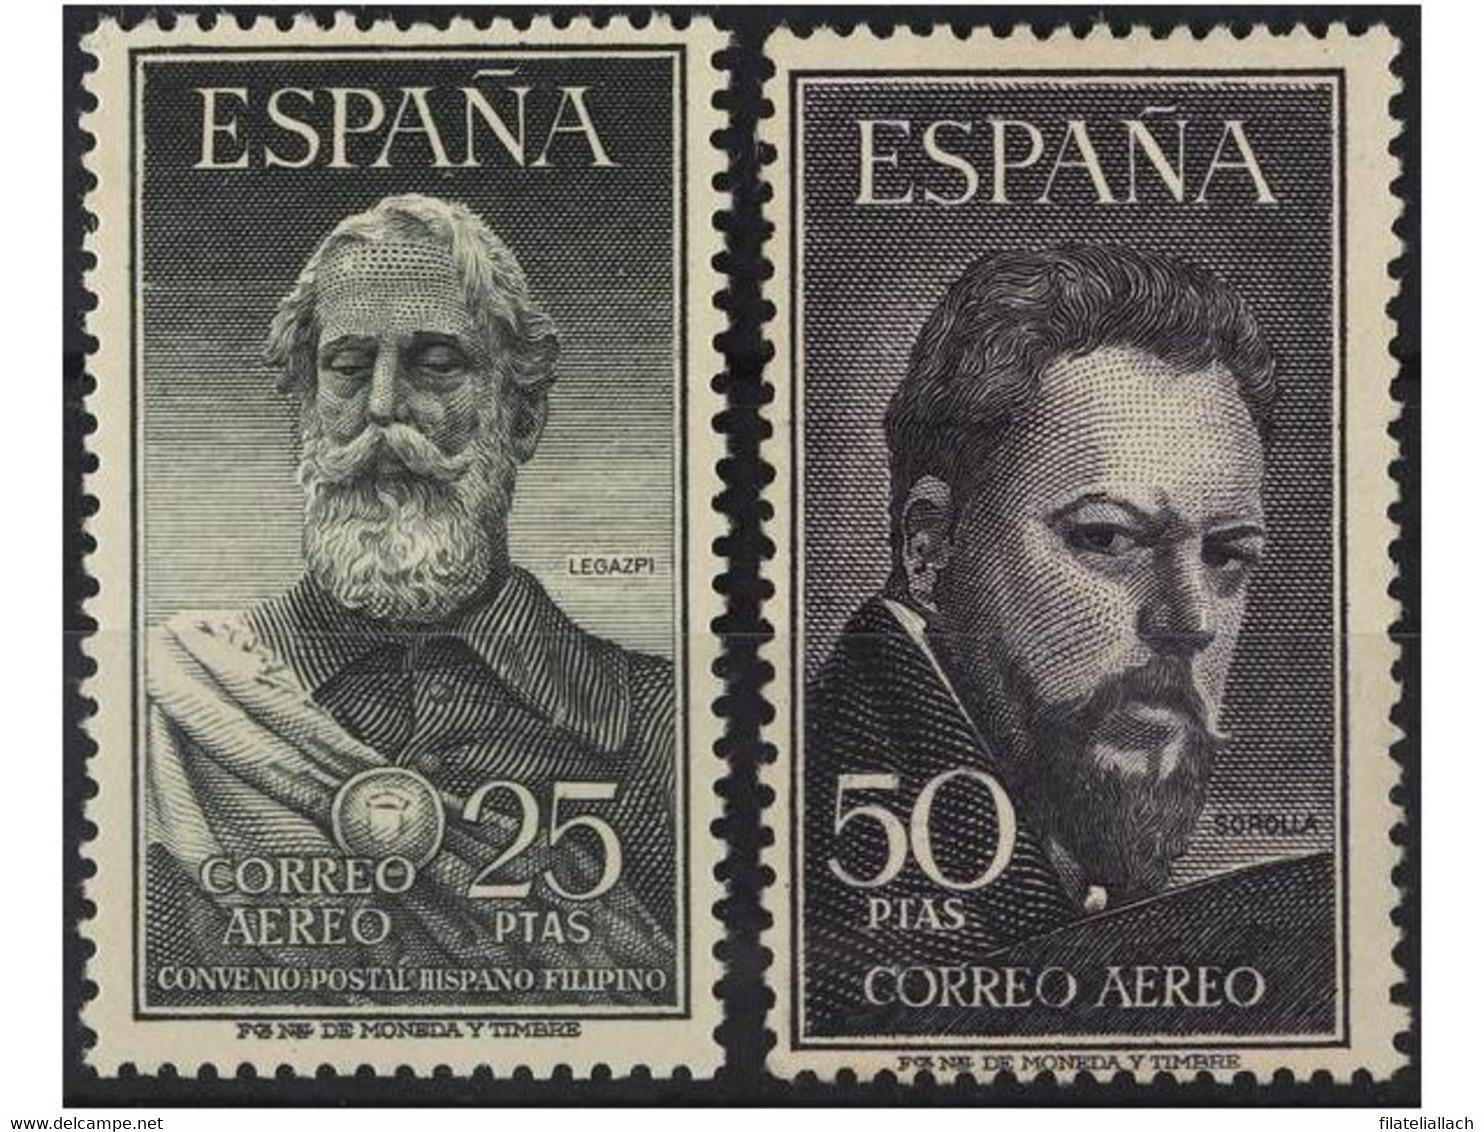 SPAIN: SEGUNDO CENTENARIO - Sin Clasificación